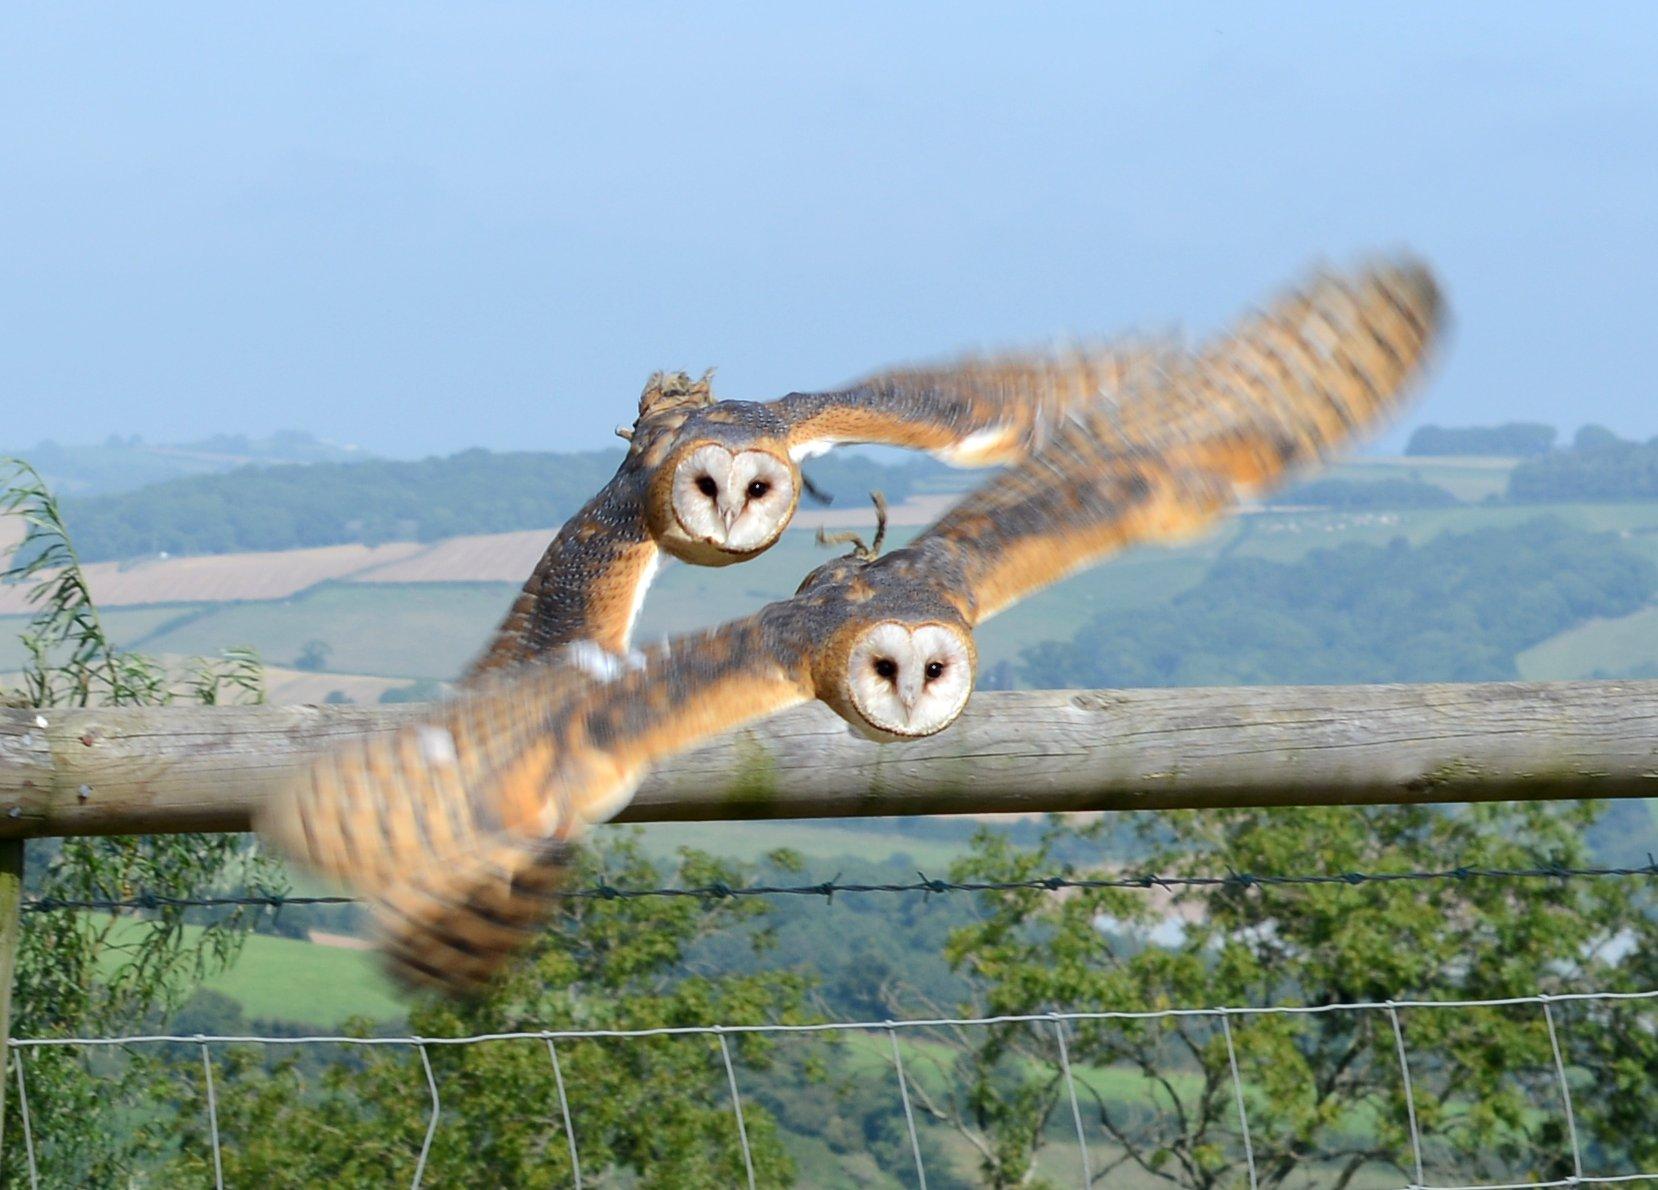 Owls flying together